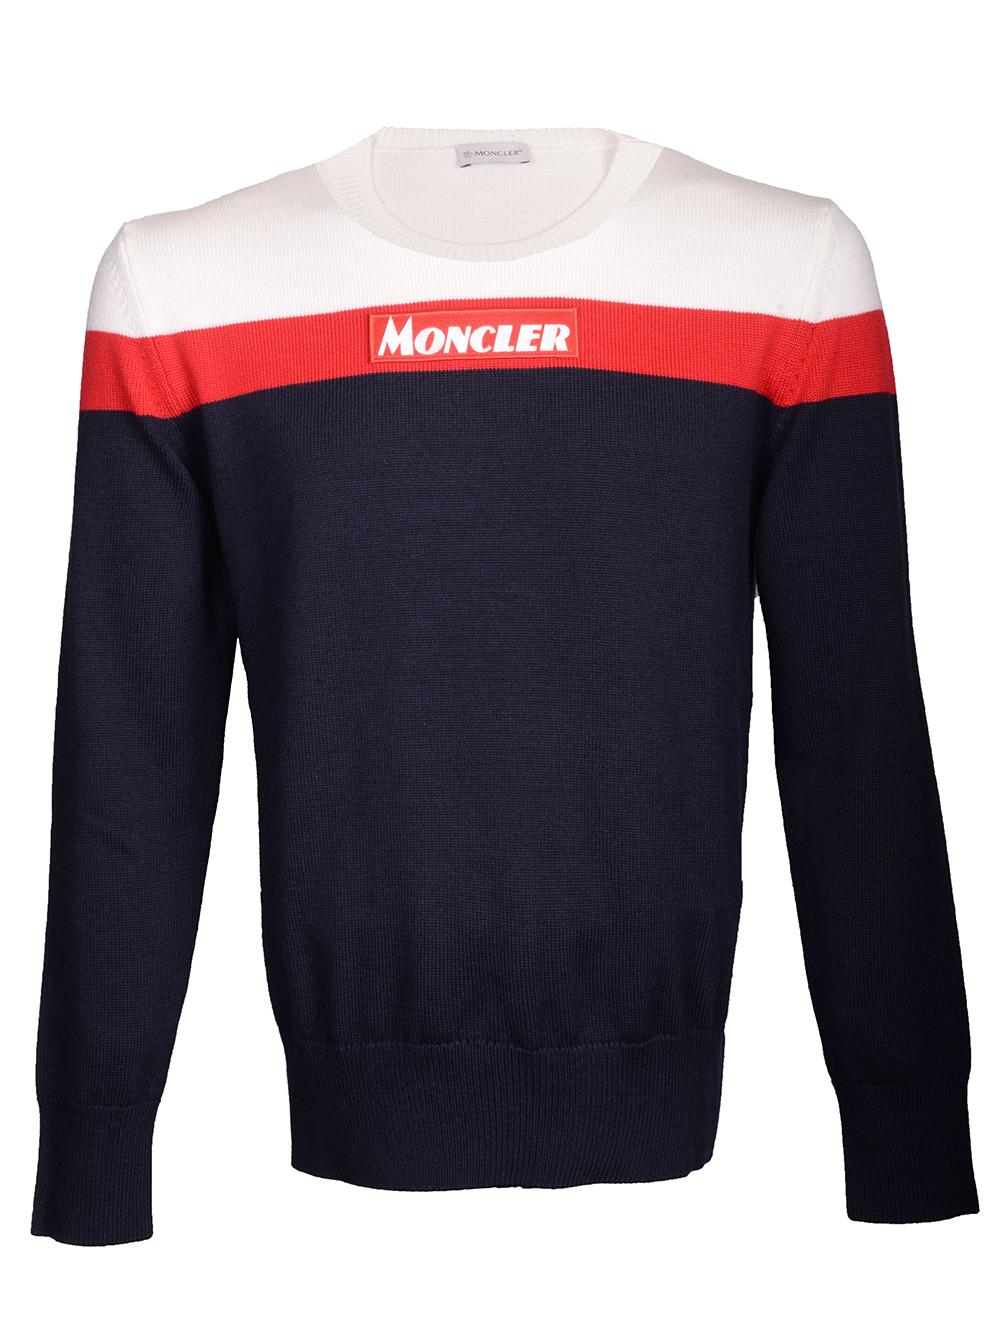 MONCLER Μπλούζα Τ-shirt E2-091-9042100 A909U ΜΠΛΕ